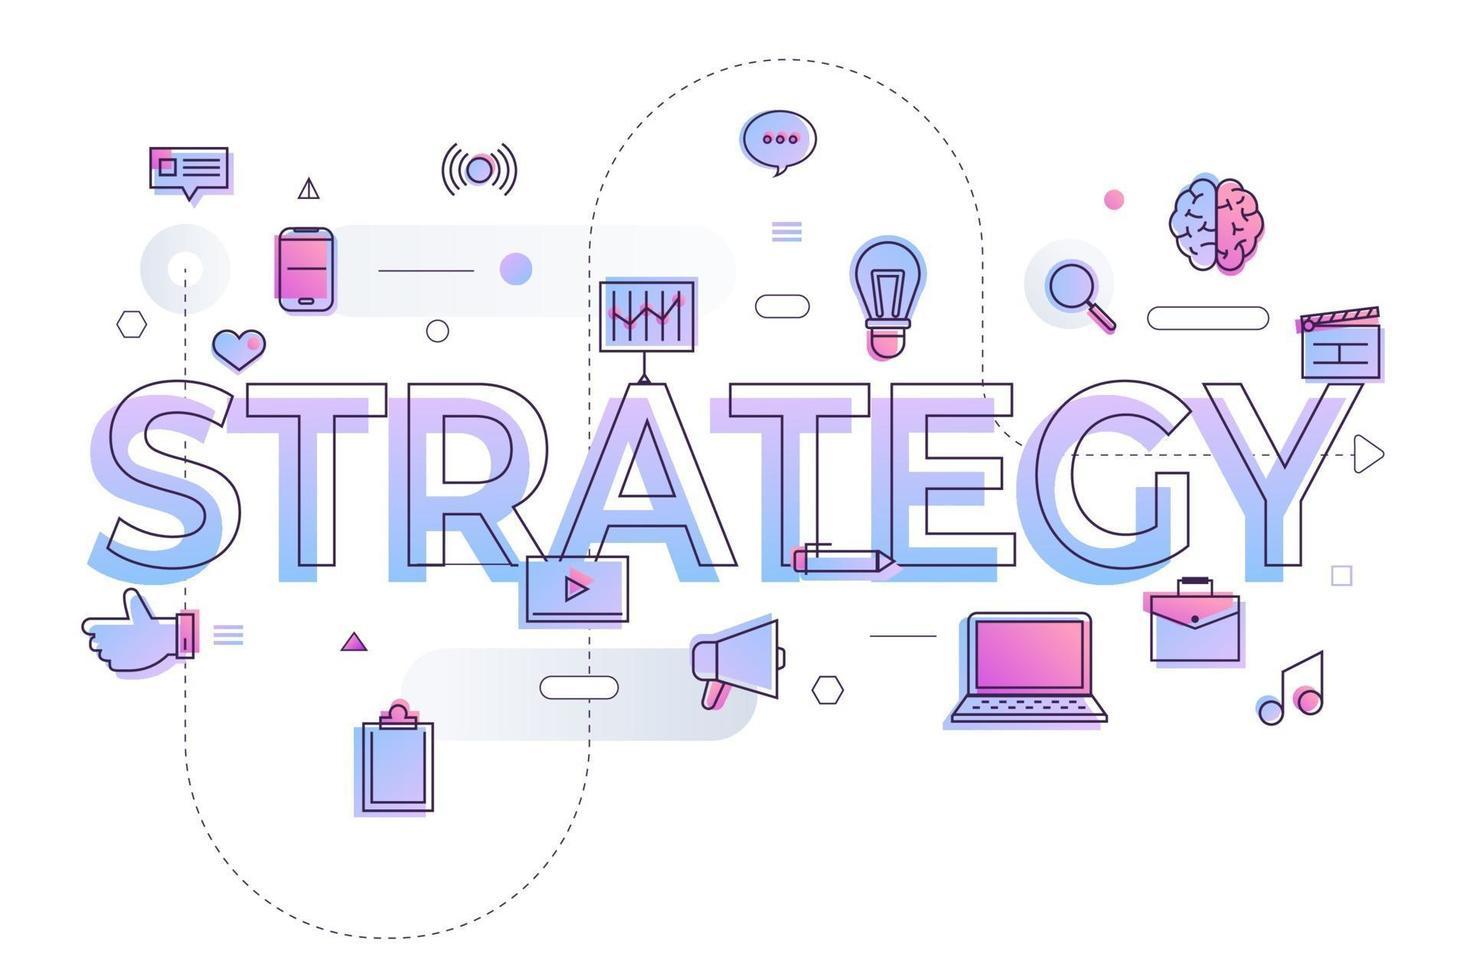 bedrijfswoordstrategie vector